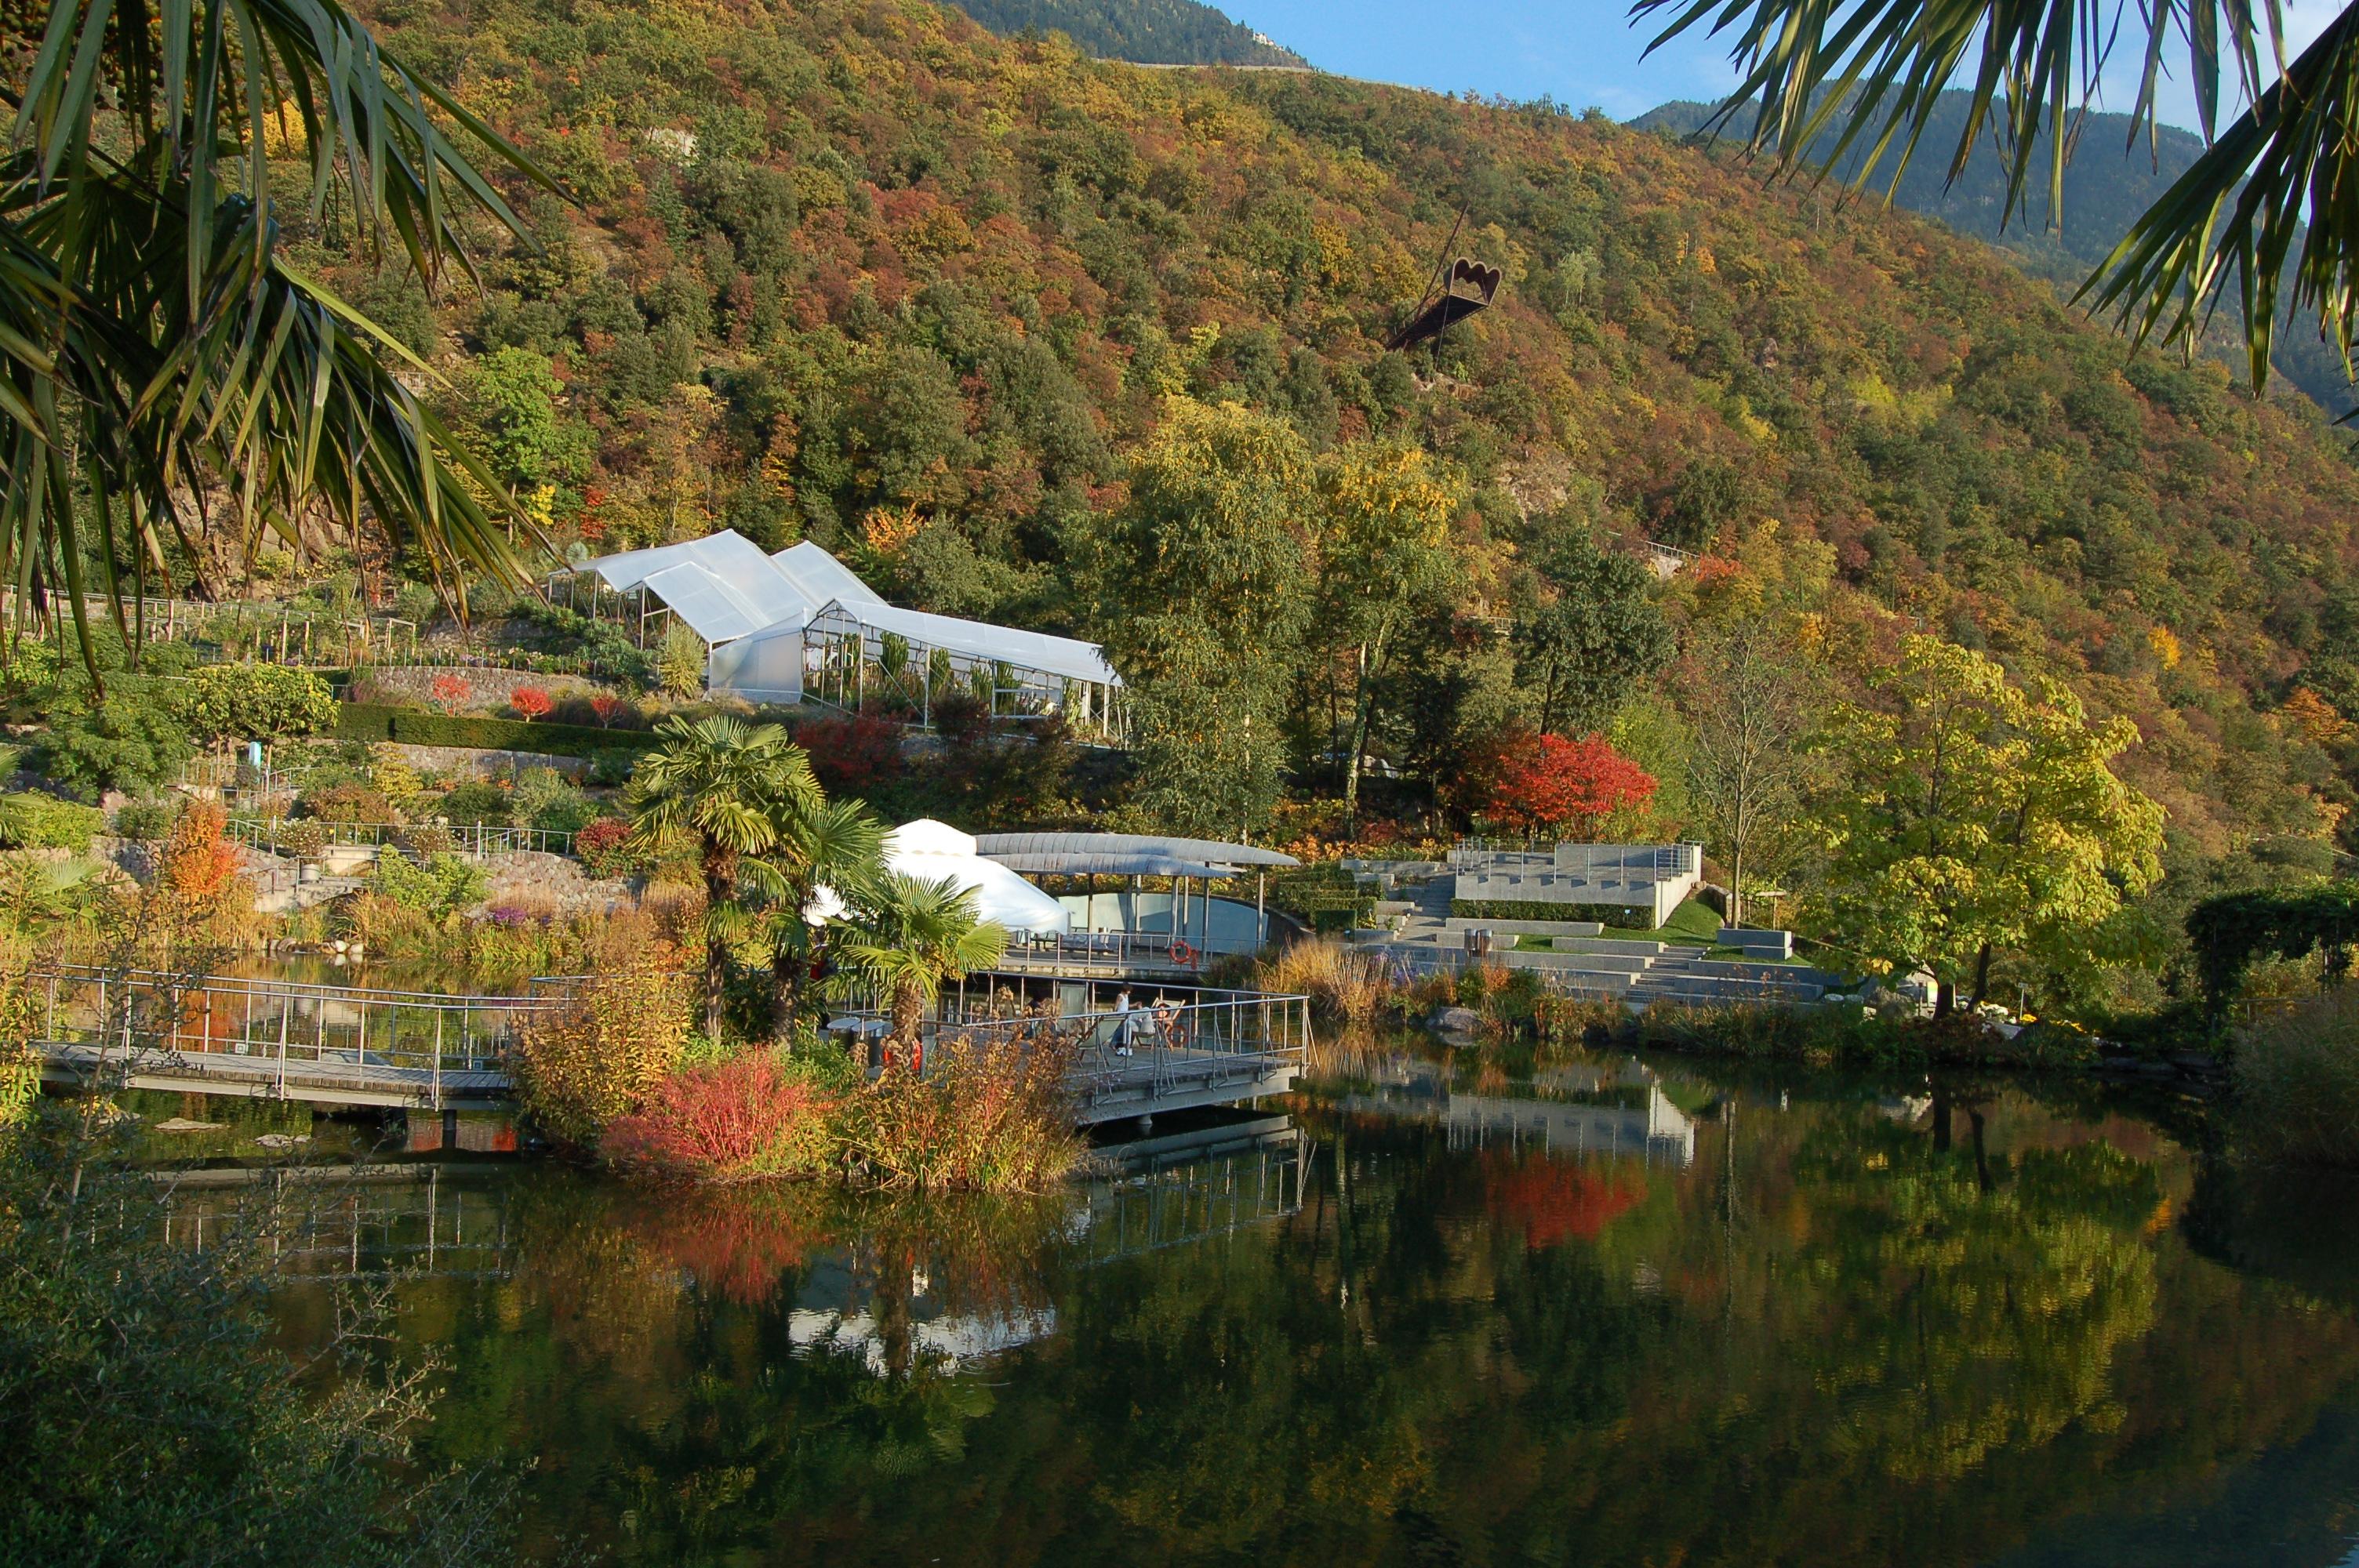 Laghetto delle ninfee ai giardini di sissi in autunno for Laghetto i giardini